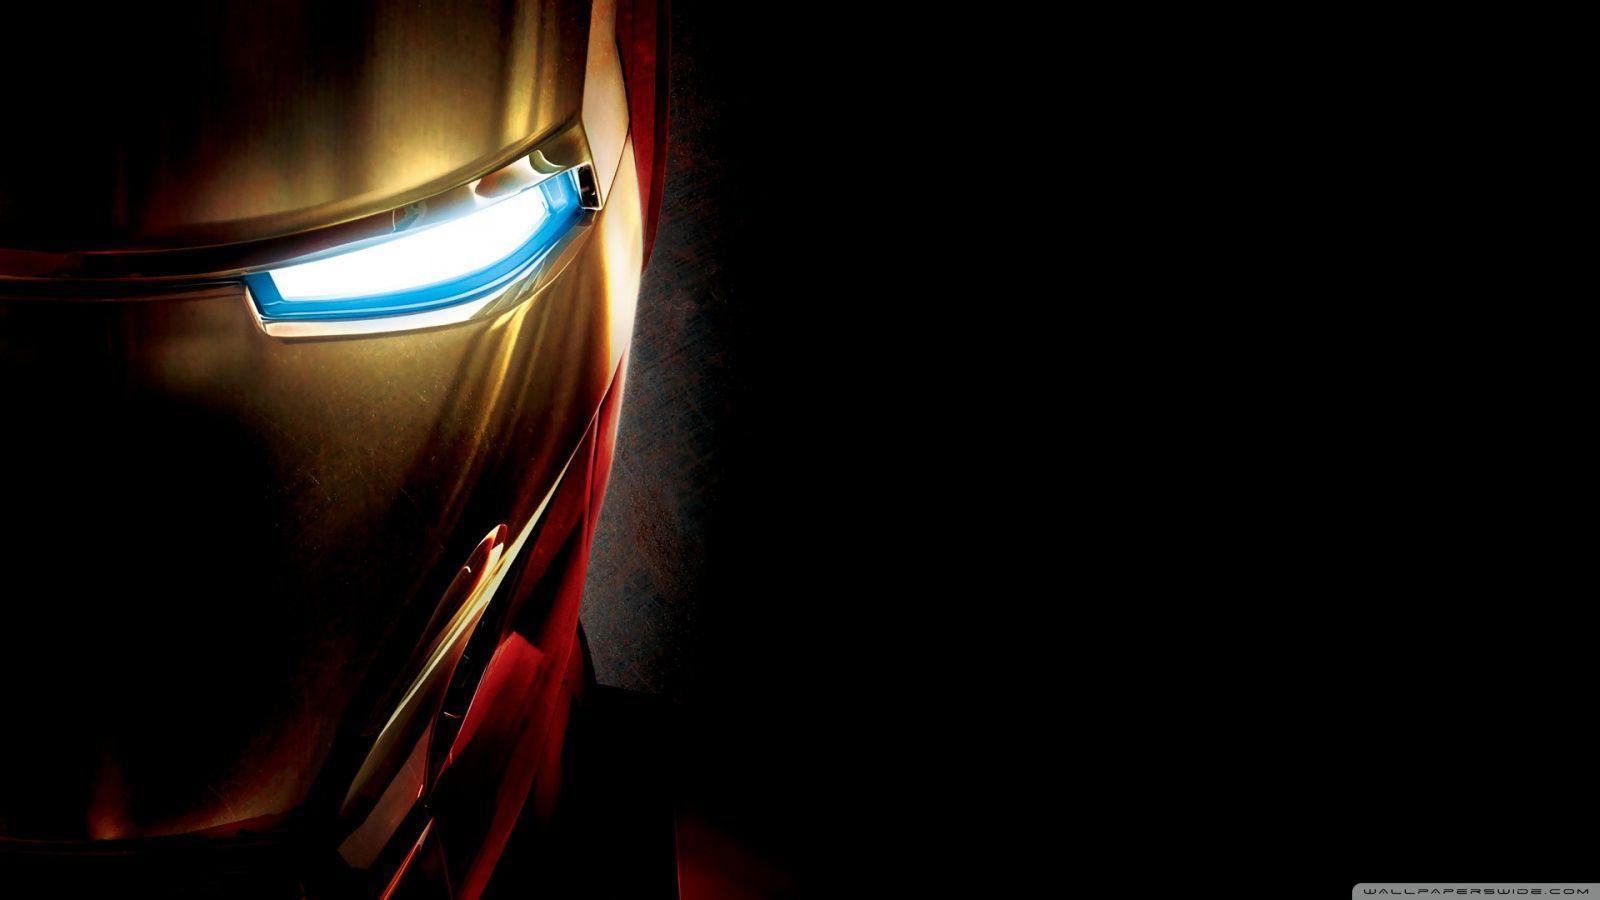 Iron Man Desktop Hd Wallpapers Top Free Iron Man Desktop